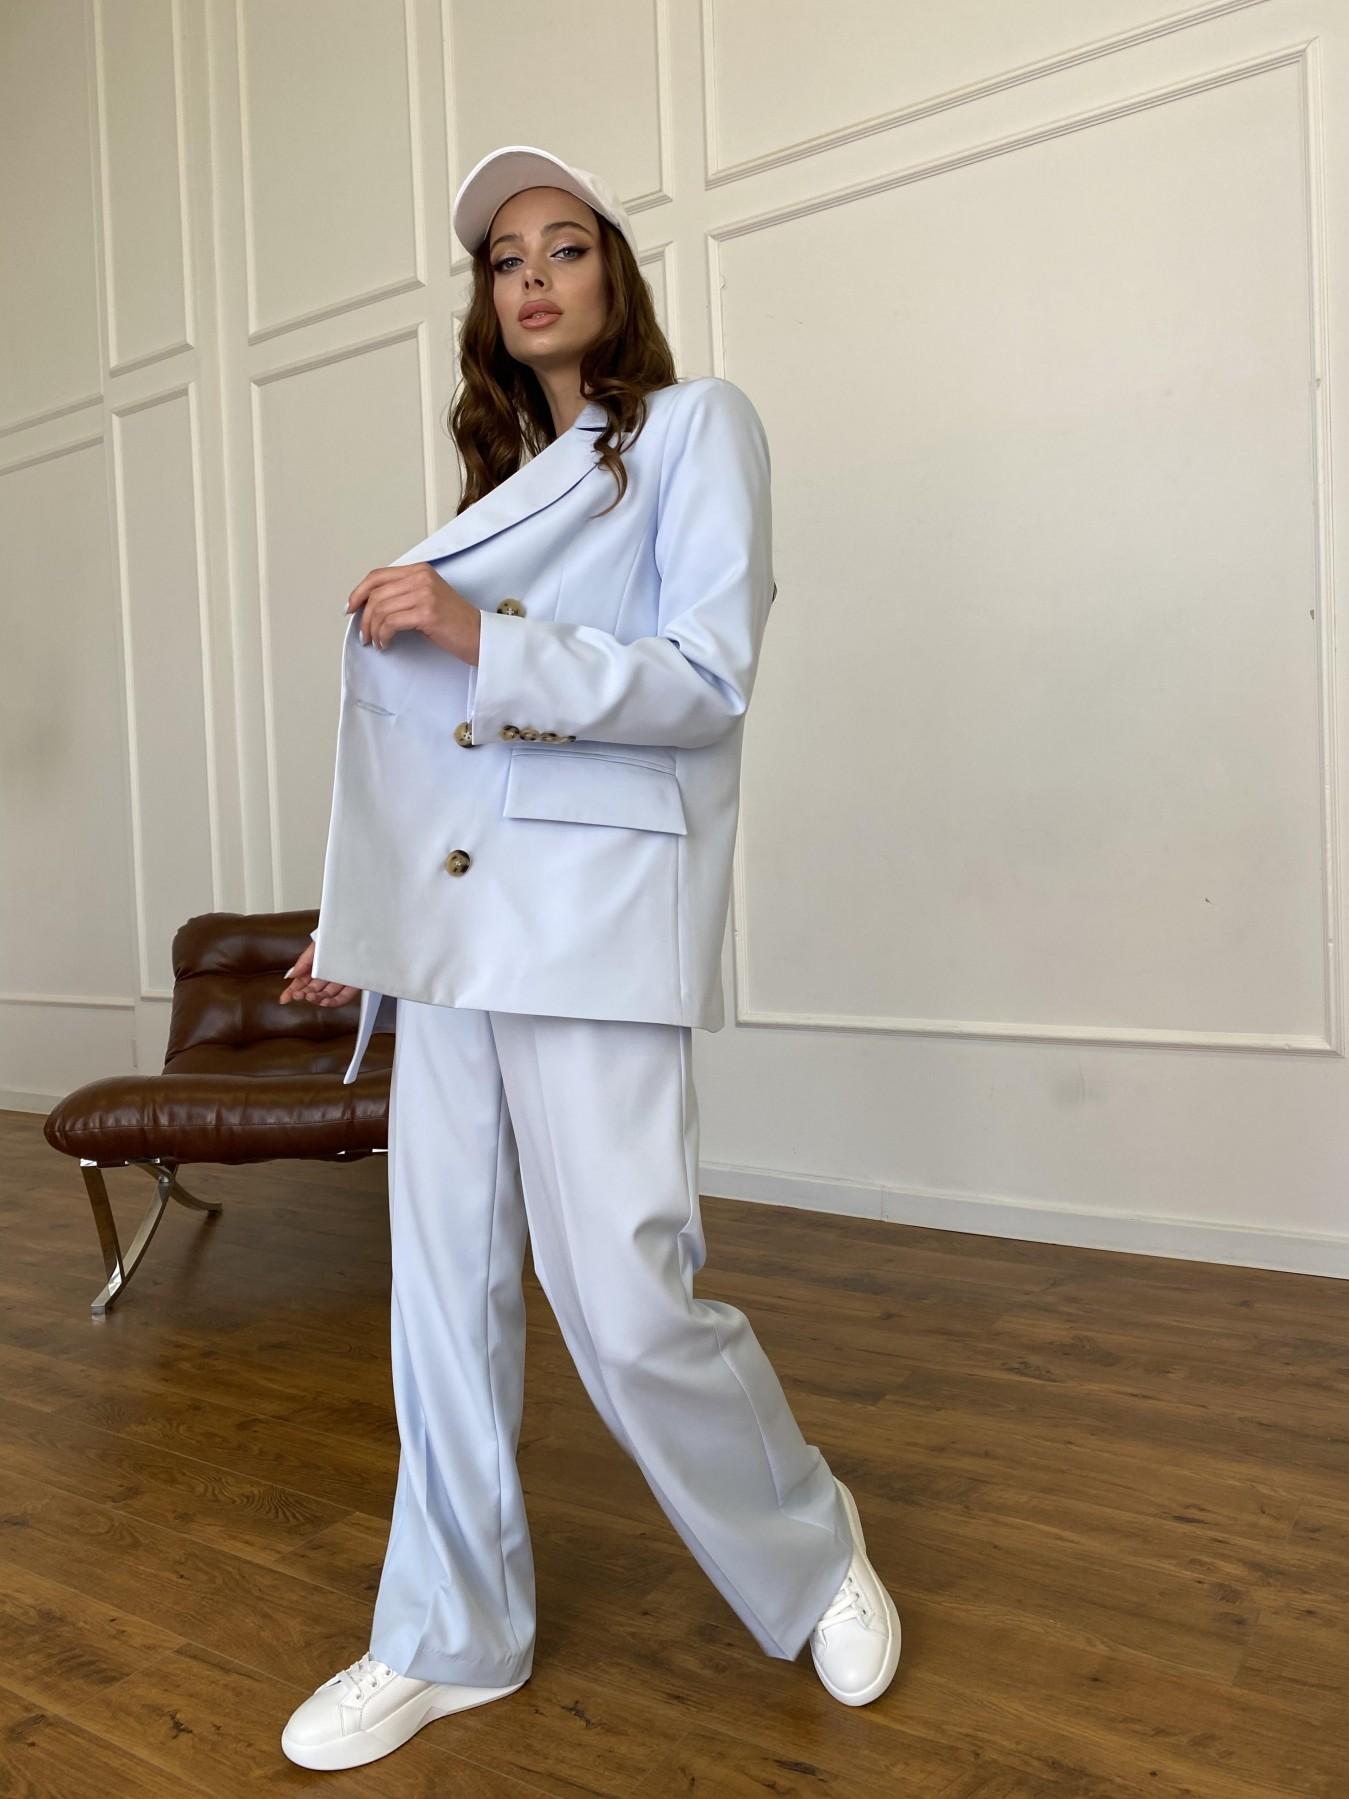 Белисимо жакет из костюмной ткани  стрейч 11192 АРТ. 47697 Цвет: Голубой - фото 8, интернет магазин tm-modus.ru